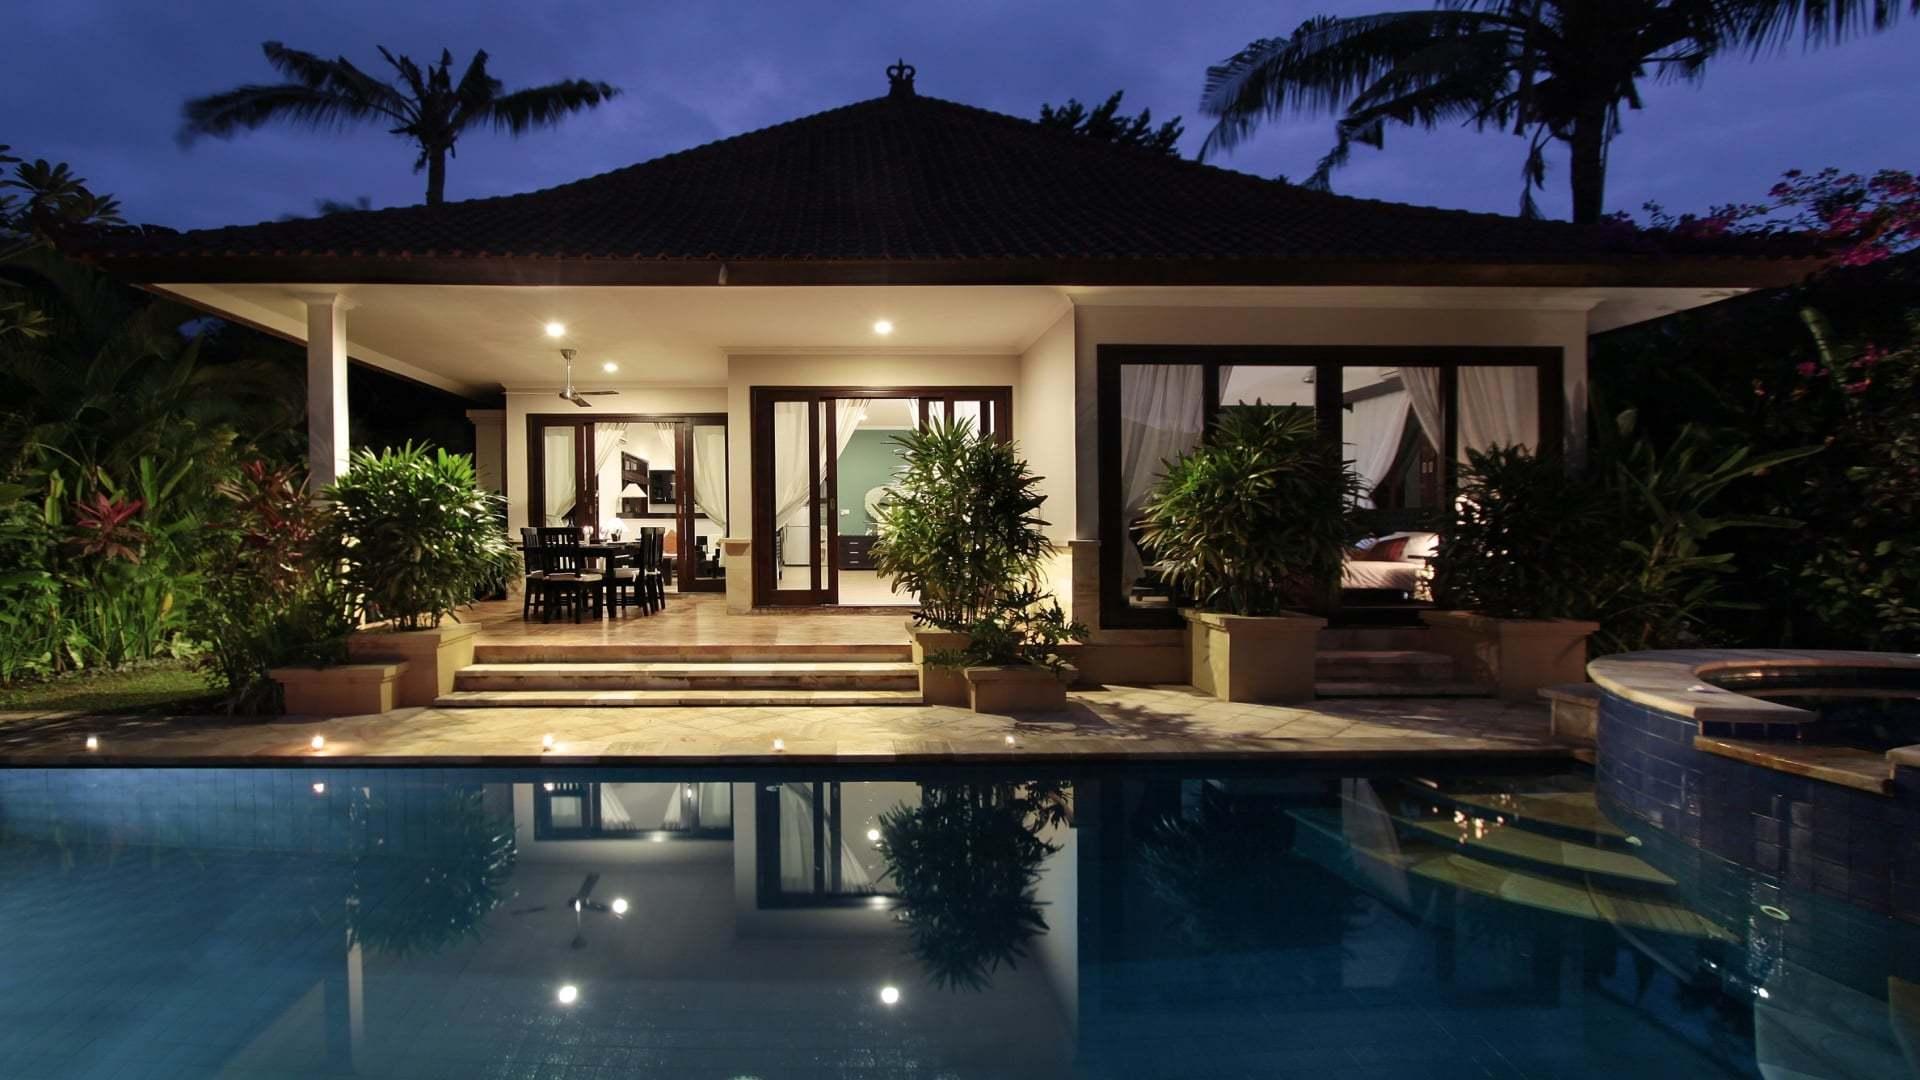 Gece Villa'nın Görünüşü